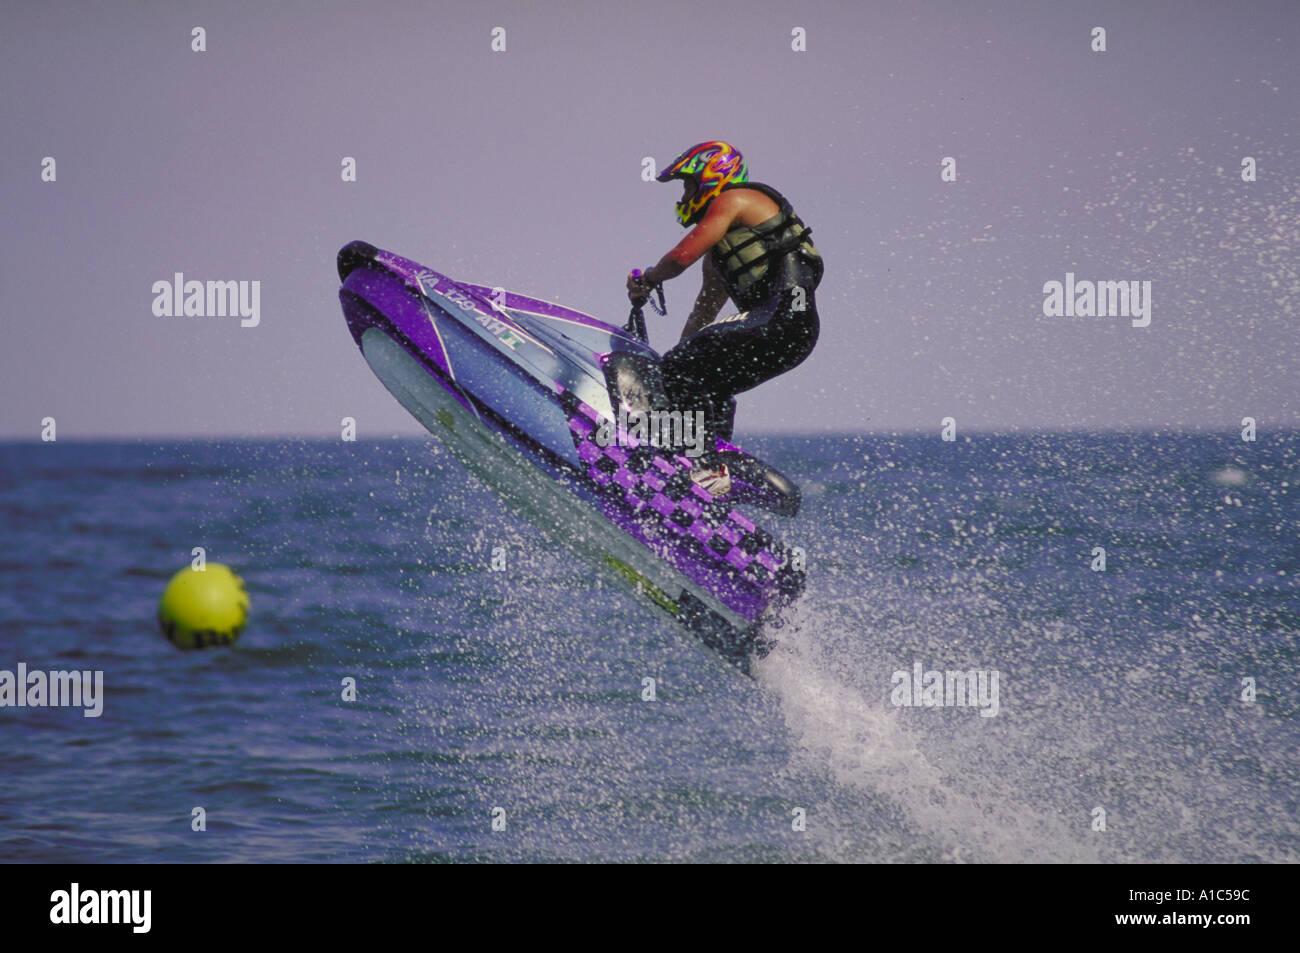 76+ Gambar Air Jet Ski Terbaik